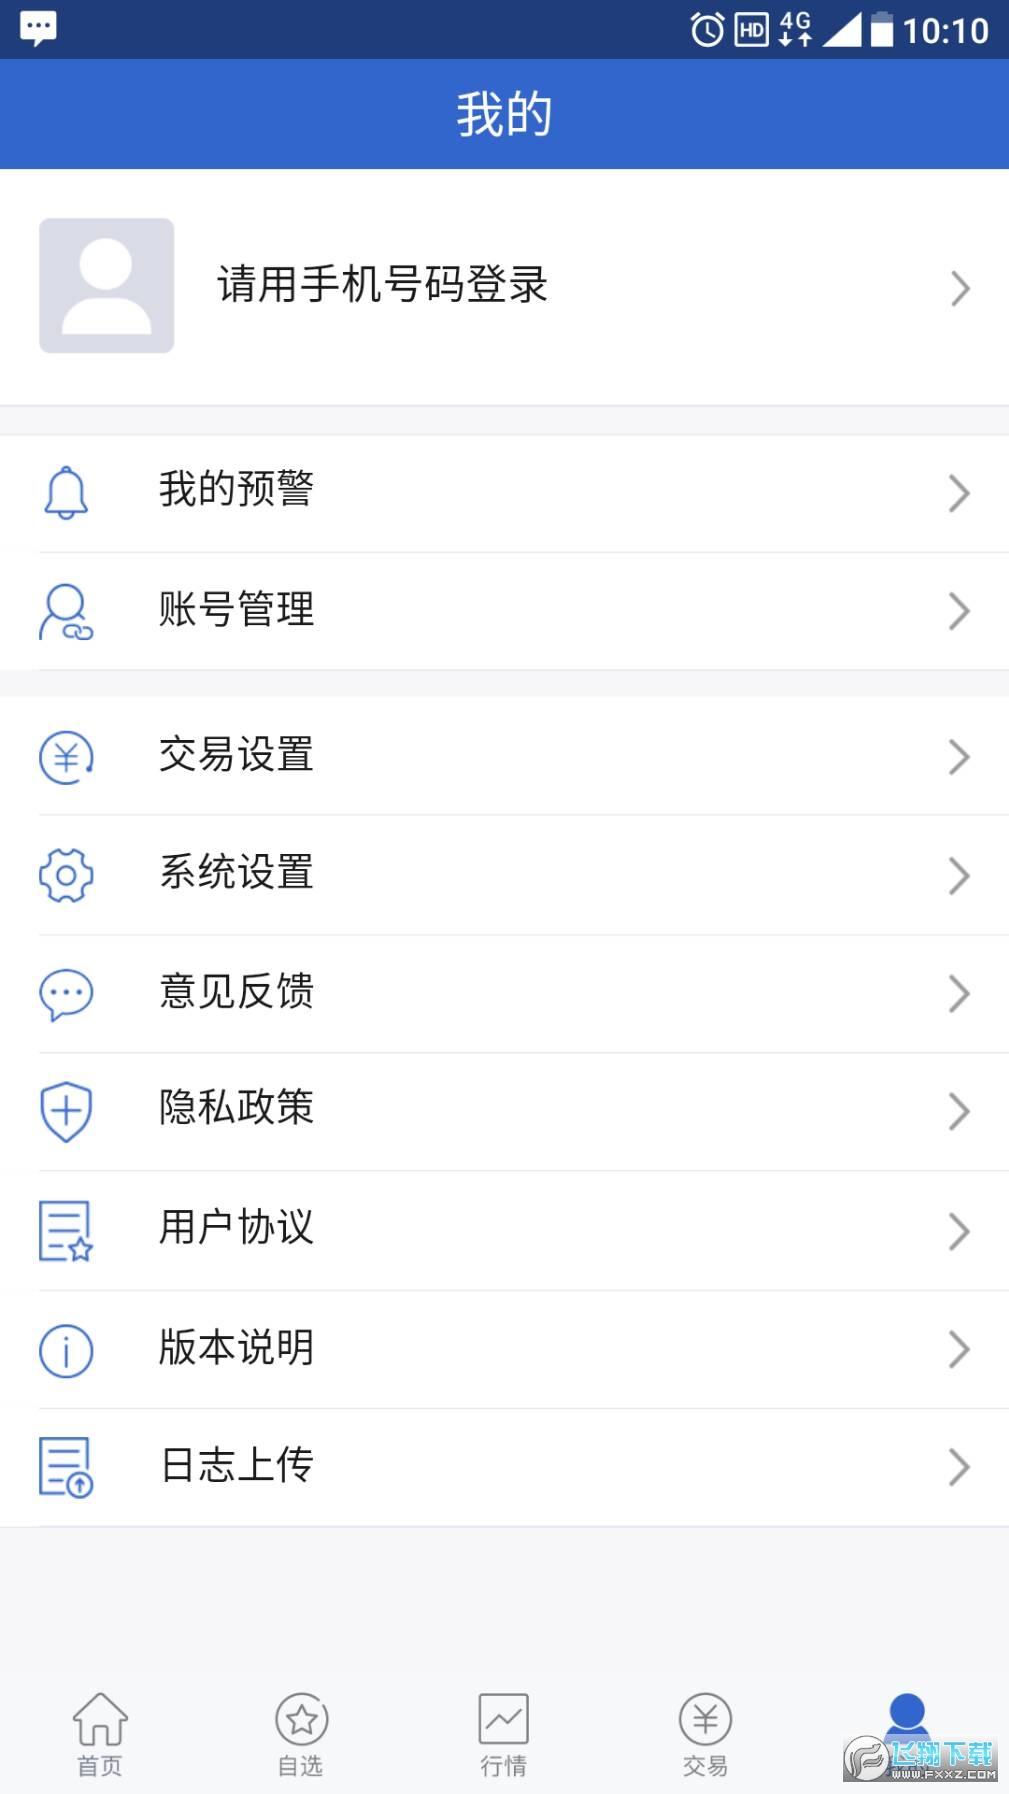 西部期货app官方版5.3.5.0最新版截图3